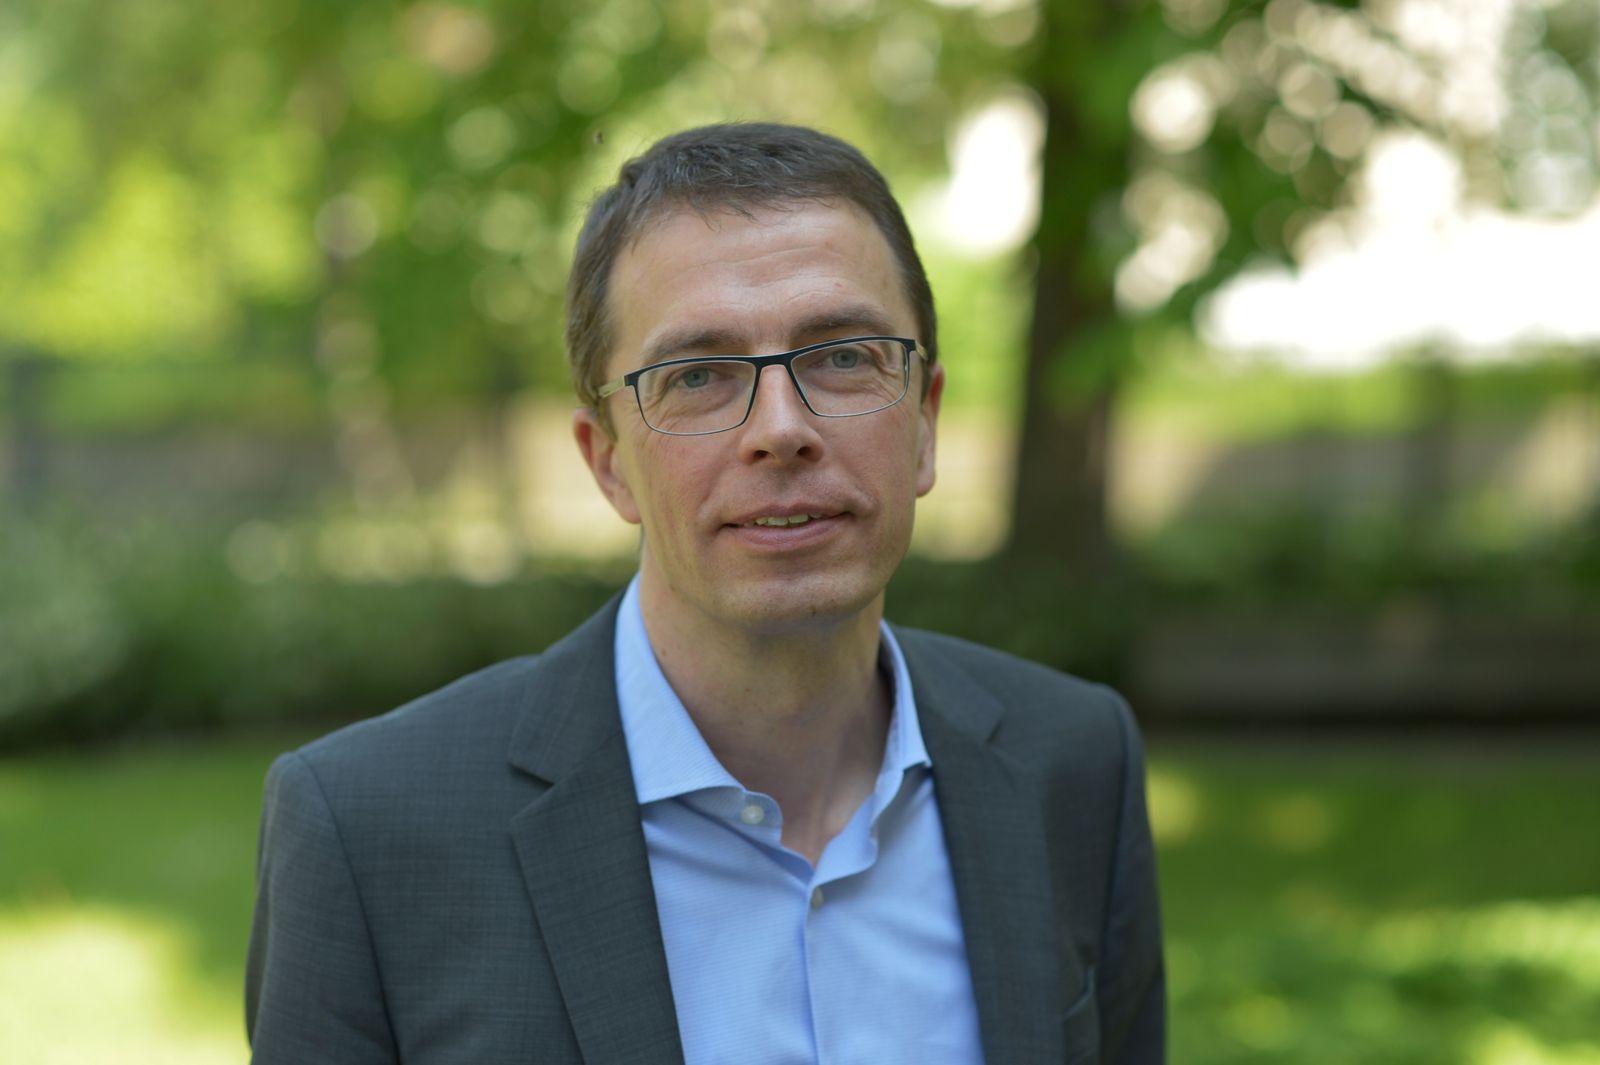 Professor Paul Nolte